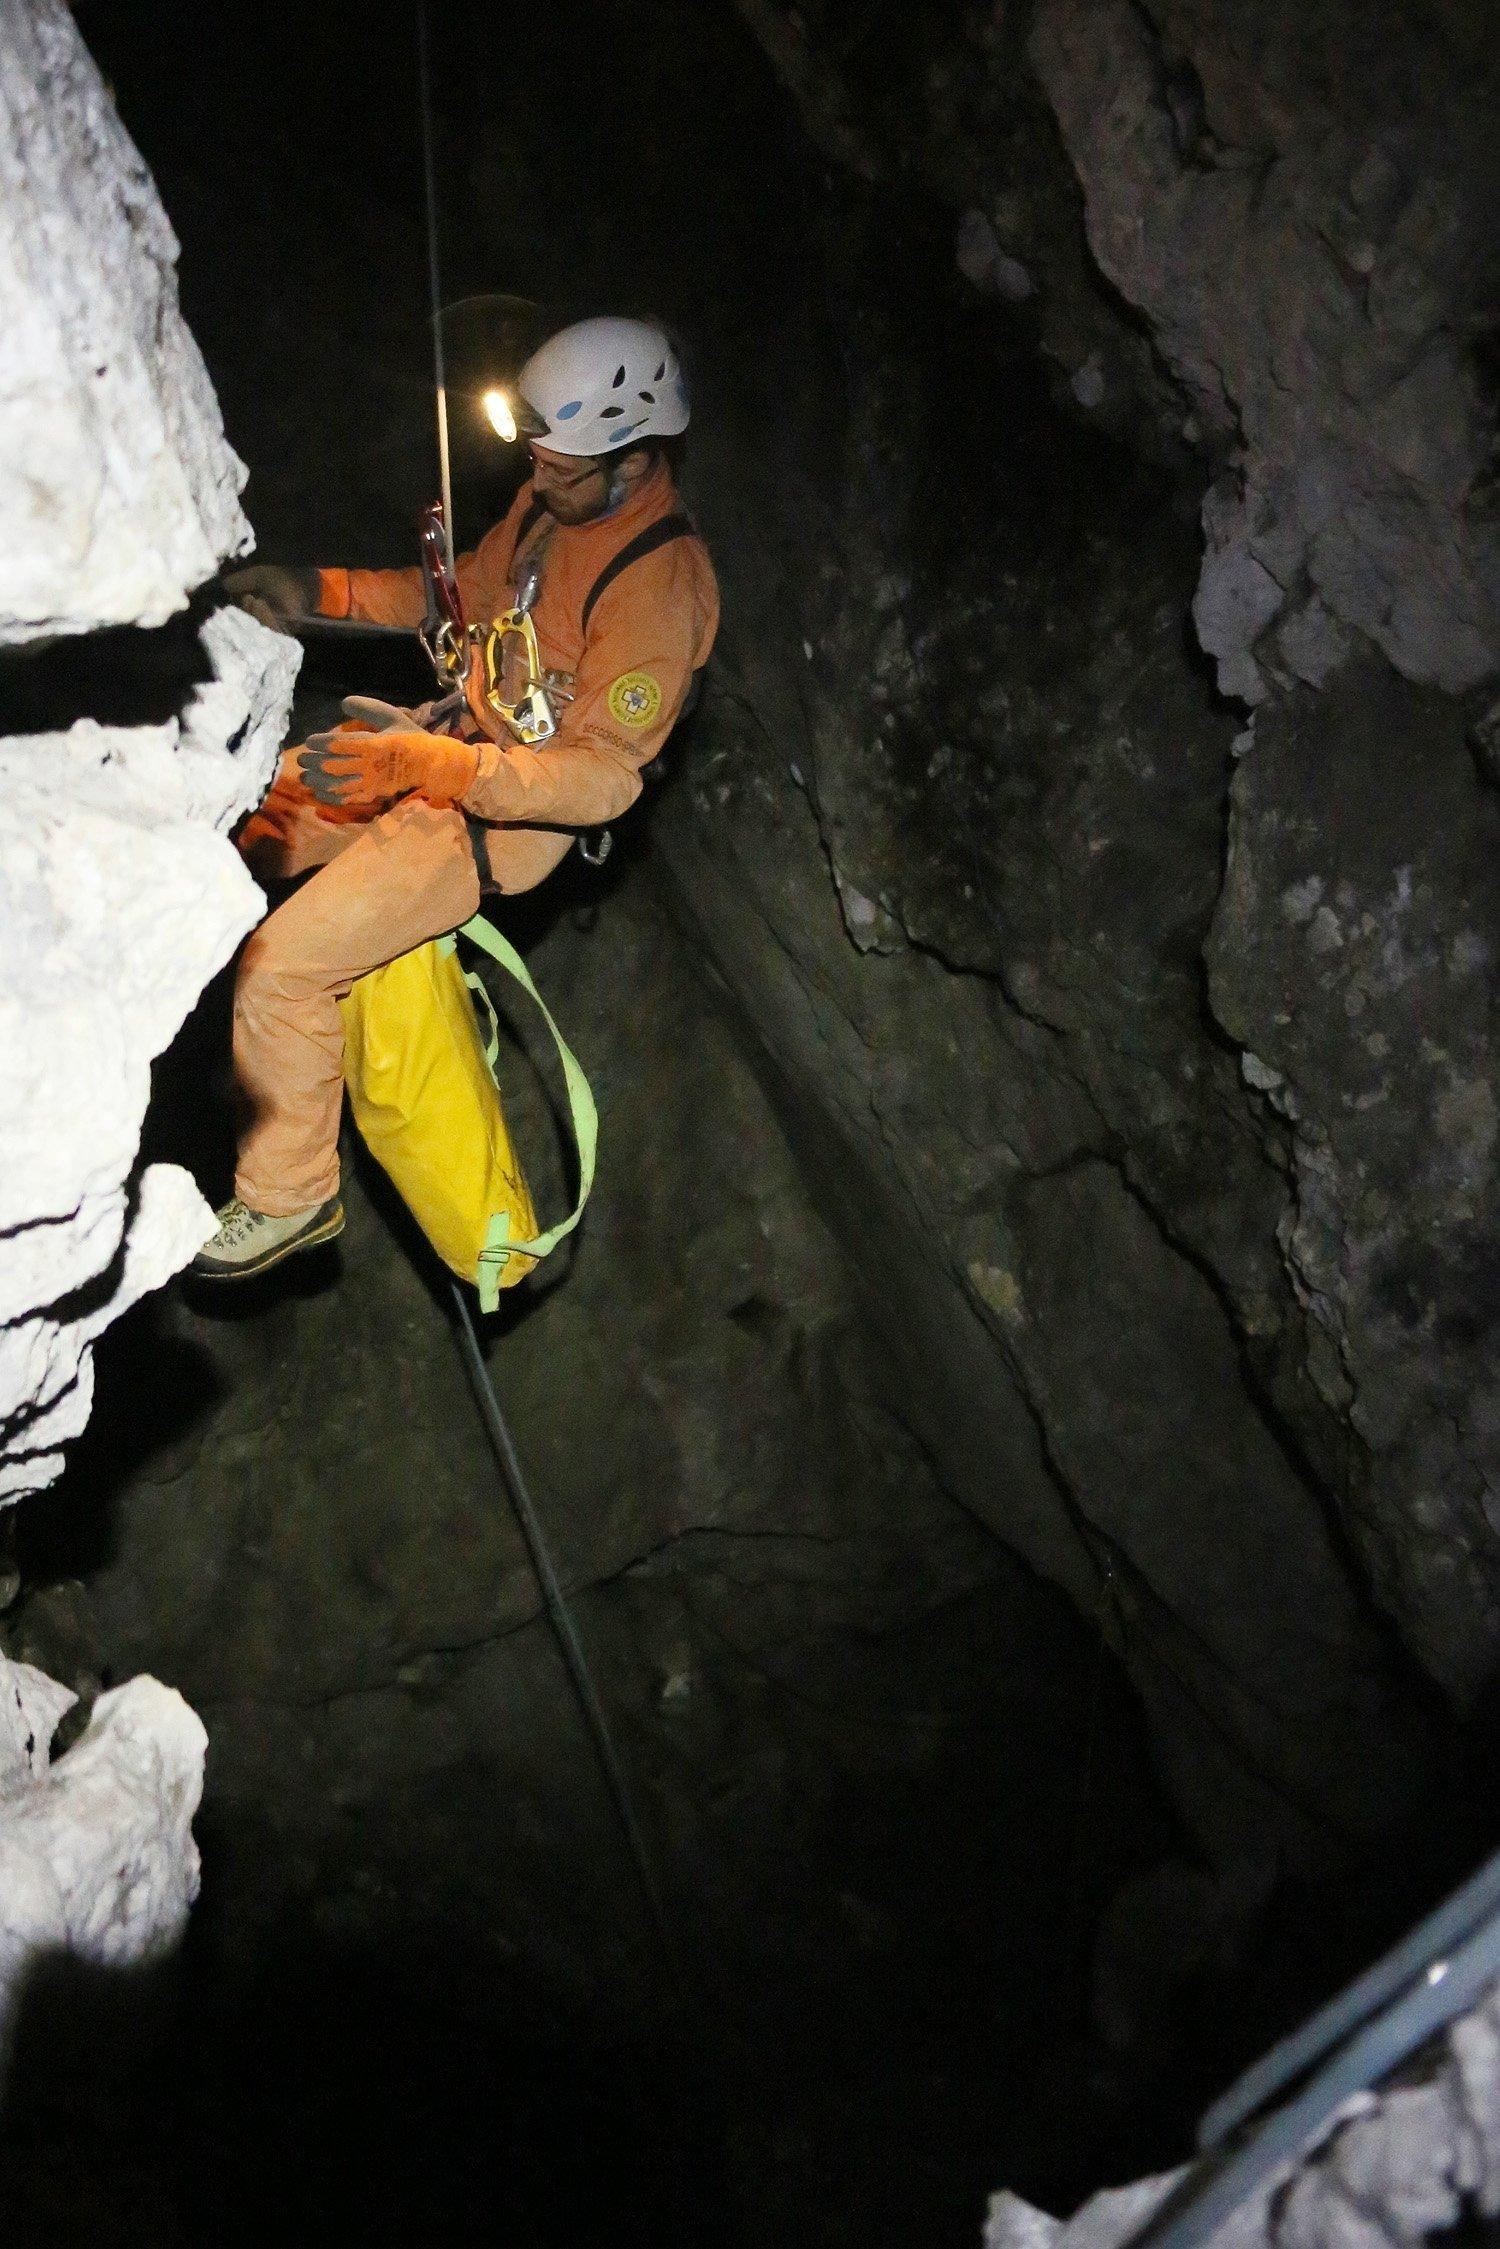 Ein Retter seilt sich in rund 1800 Metern Höhe am Eingang der Riesending-Schachthöhle ab. Der schwer verletzte Höhlenforscher befand sich zunächst in 1000 Meter Tiefe. Bei der aktuellen Bergungsetappe muss eine spiegelglatte Steilwand überwunden werden.